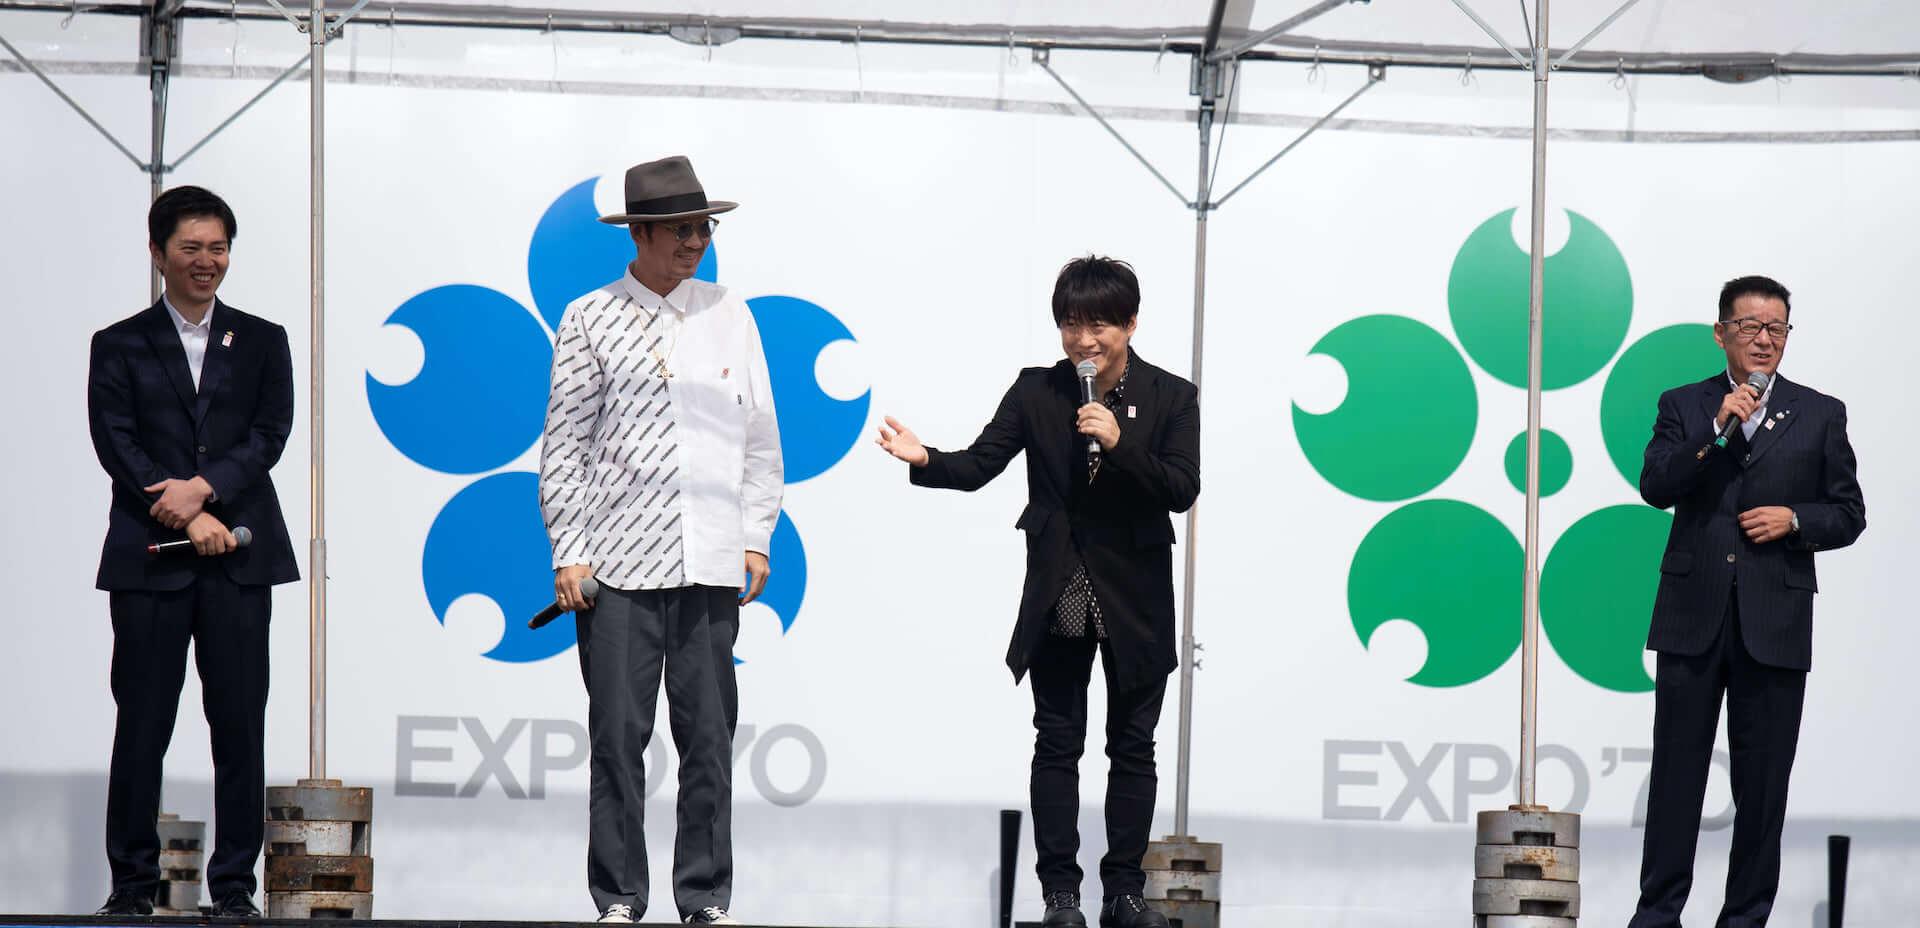 コブクロが2025年<大阪・関西万博>のテーマソングを担当決定!50周年記念セレモニーのイベントレポートが到着 music201012_kobukuro-expo2025_2-1920x928